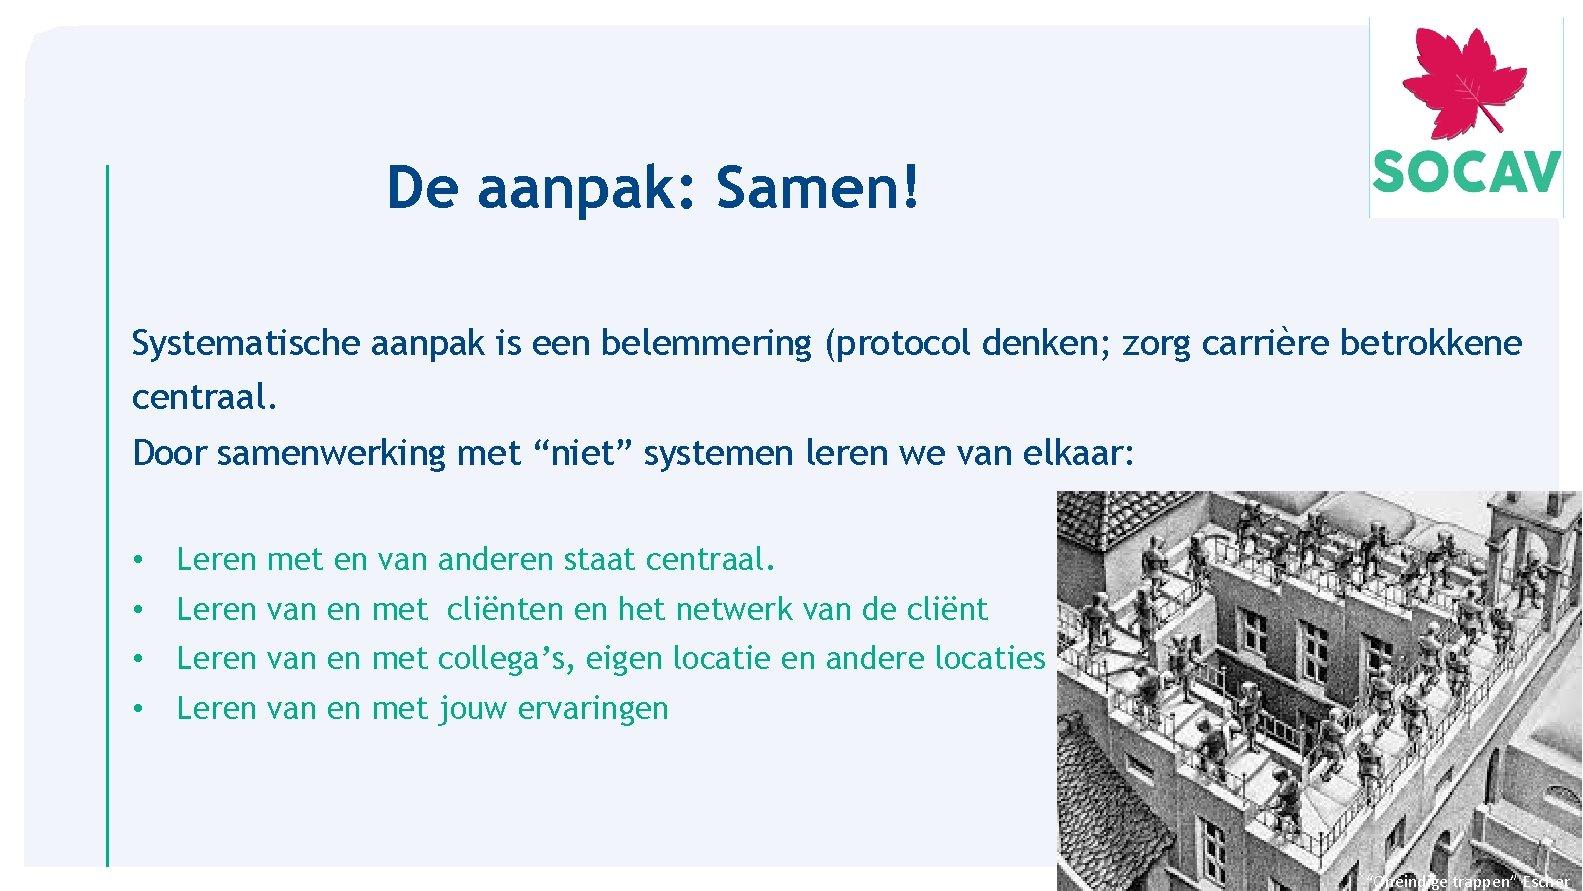 De aanpak: Samen! Systematische aanpak is een belemmering (protocol denken; zorg carrière betrokkene centraal.